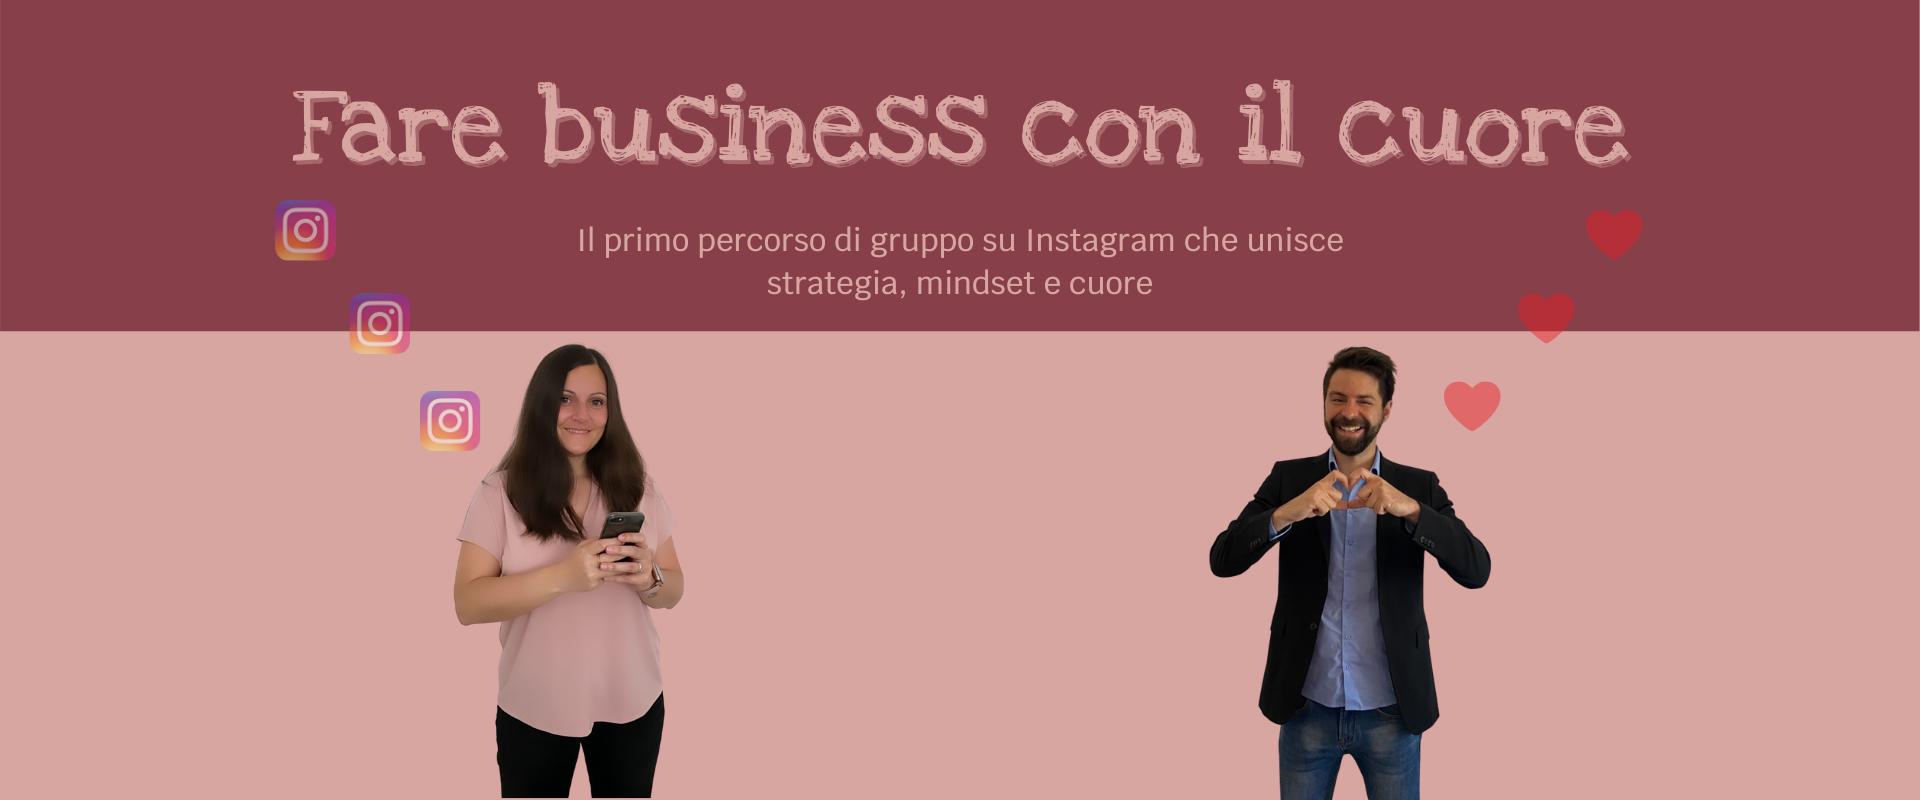 Fare business con il cuore - foto di Roberta e Matteo